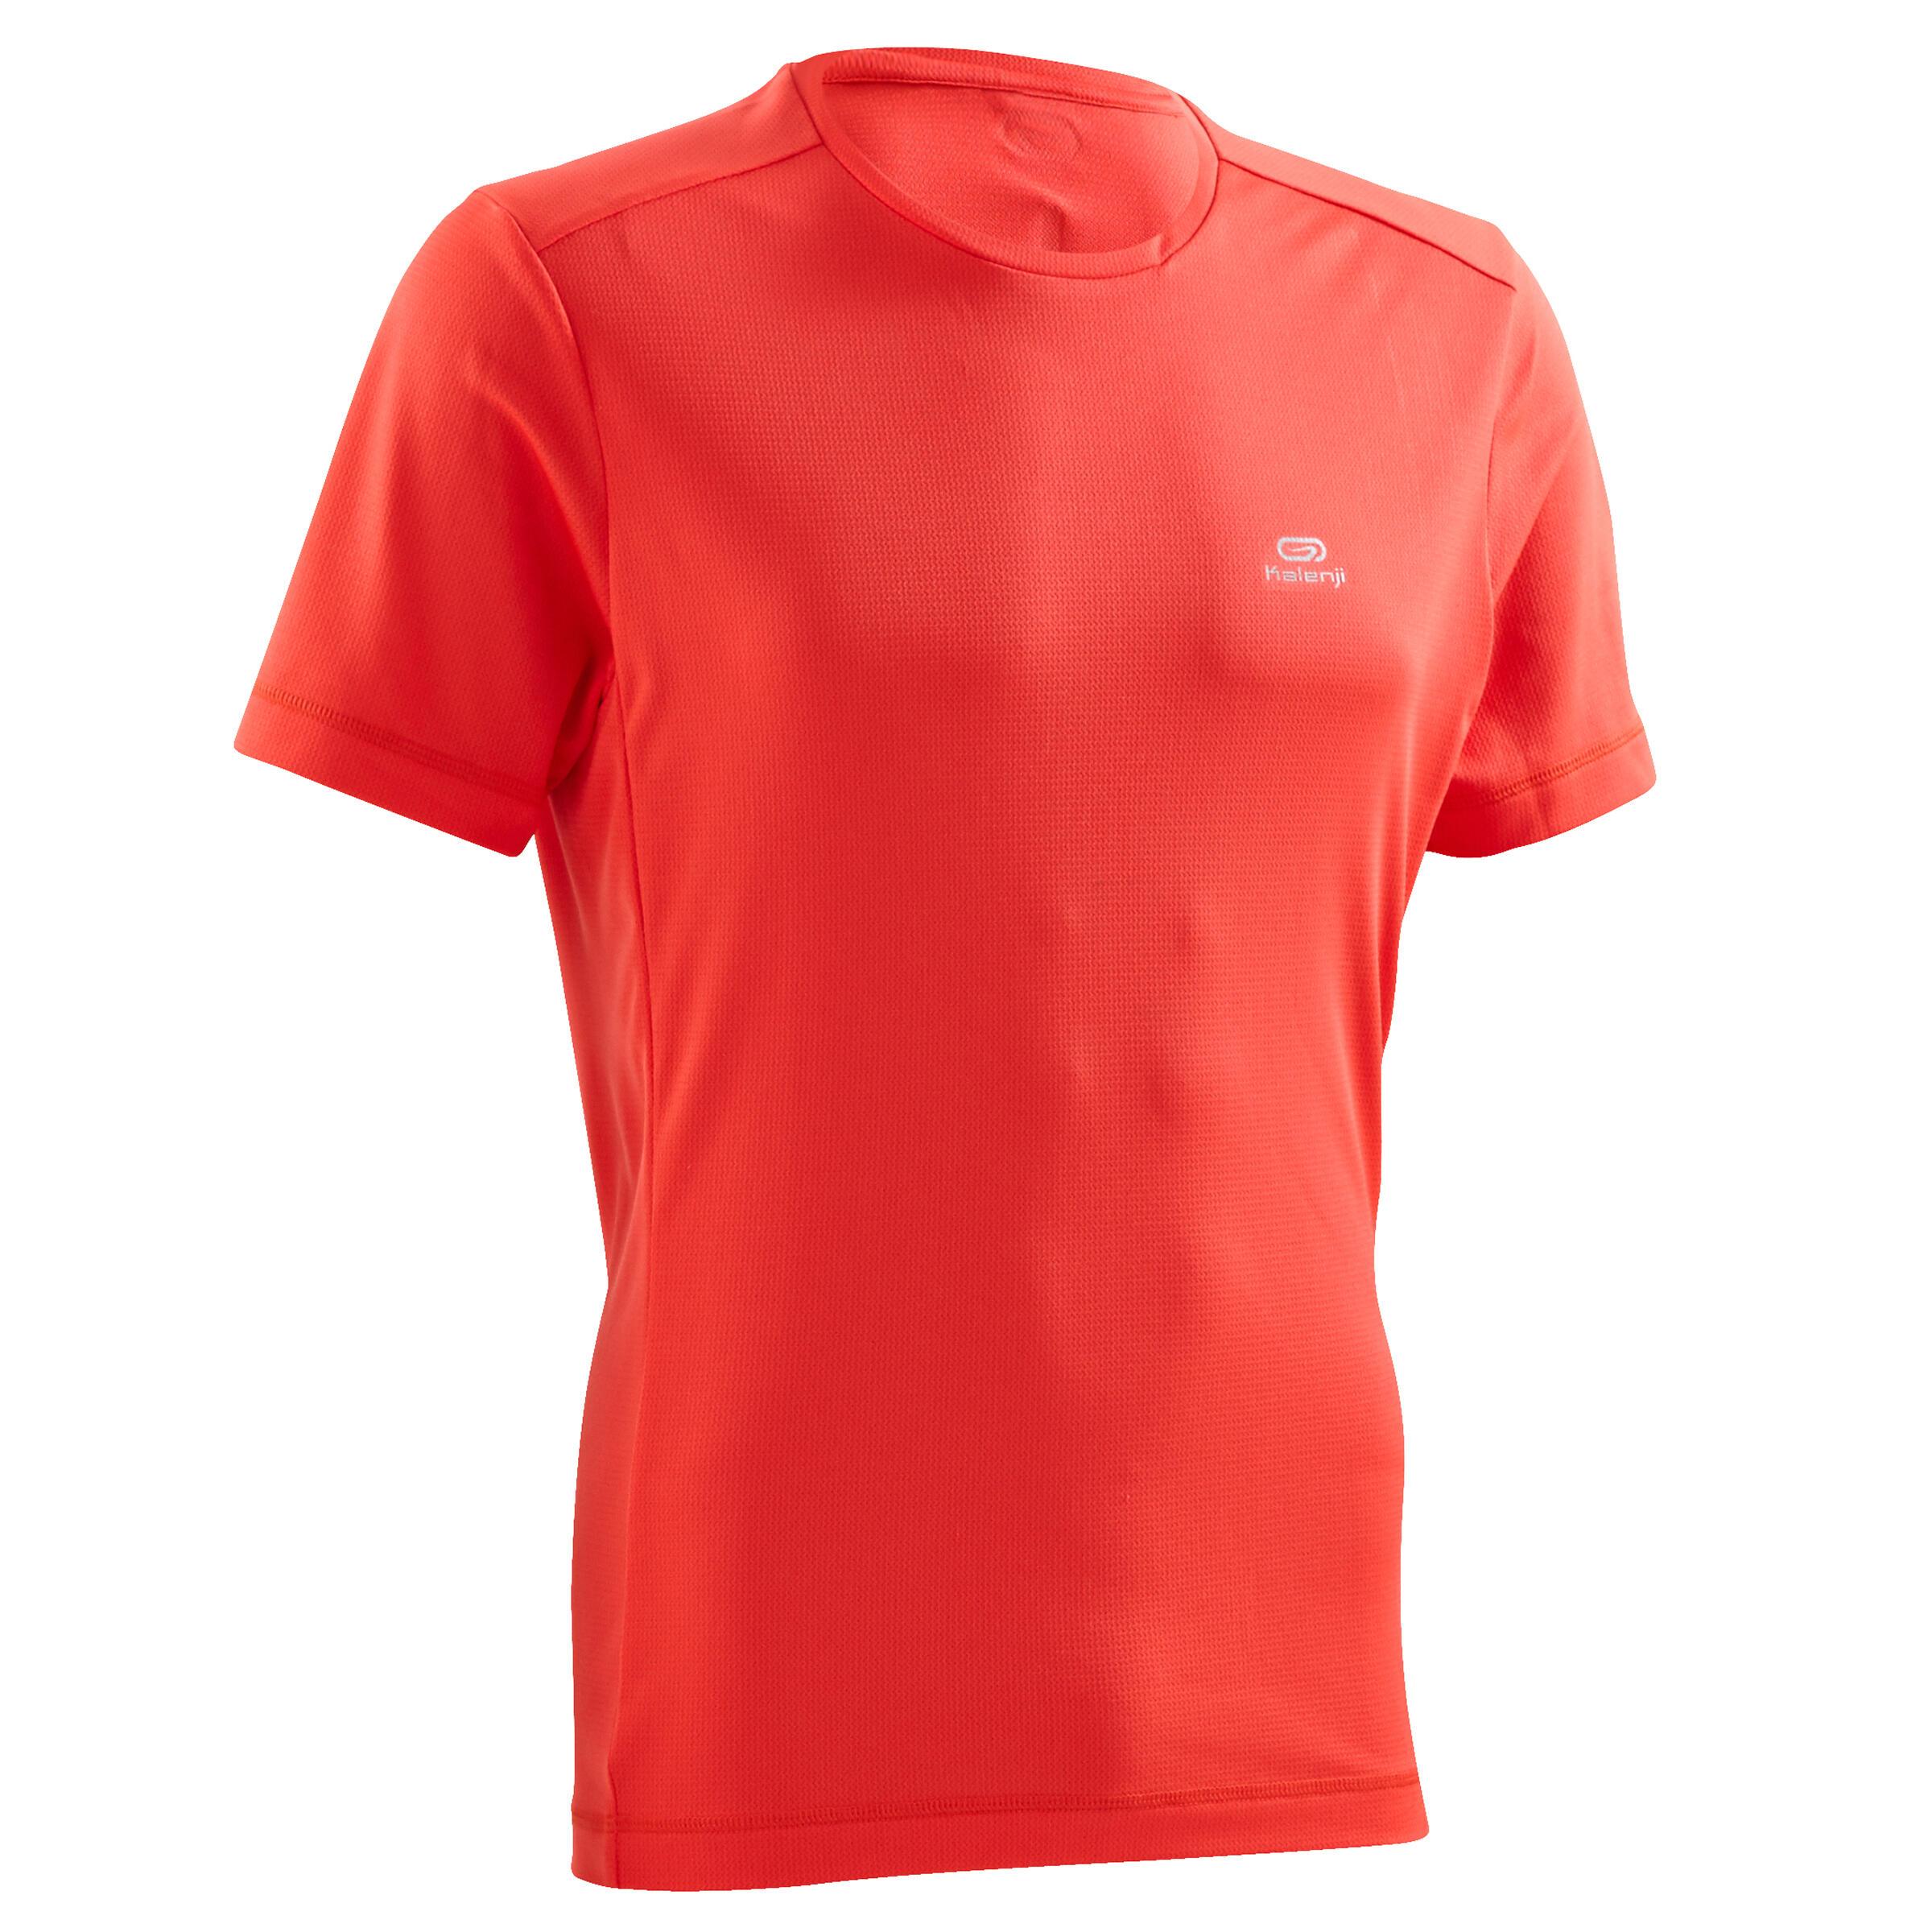 Kalenji Hardloop T-shirt voor heren Run Dry rood